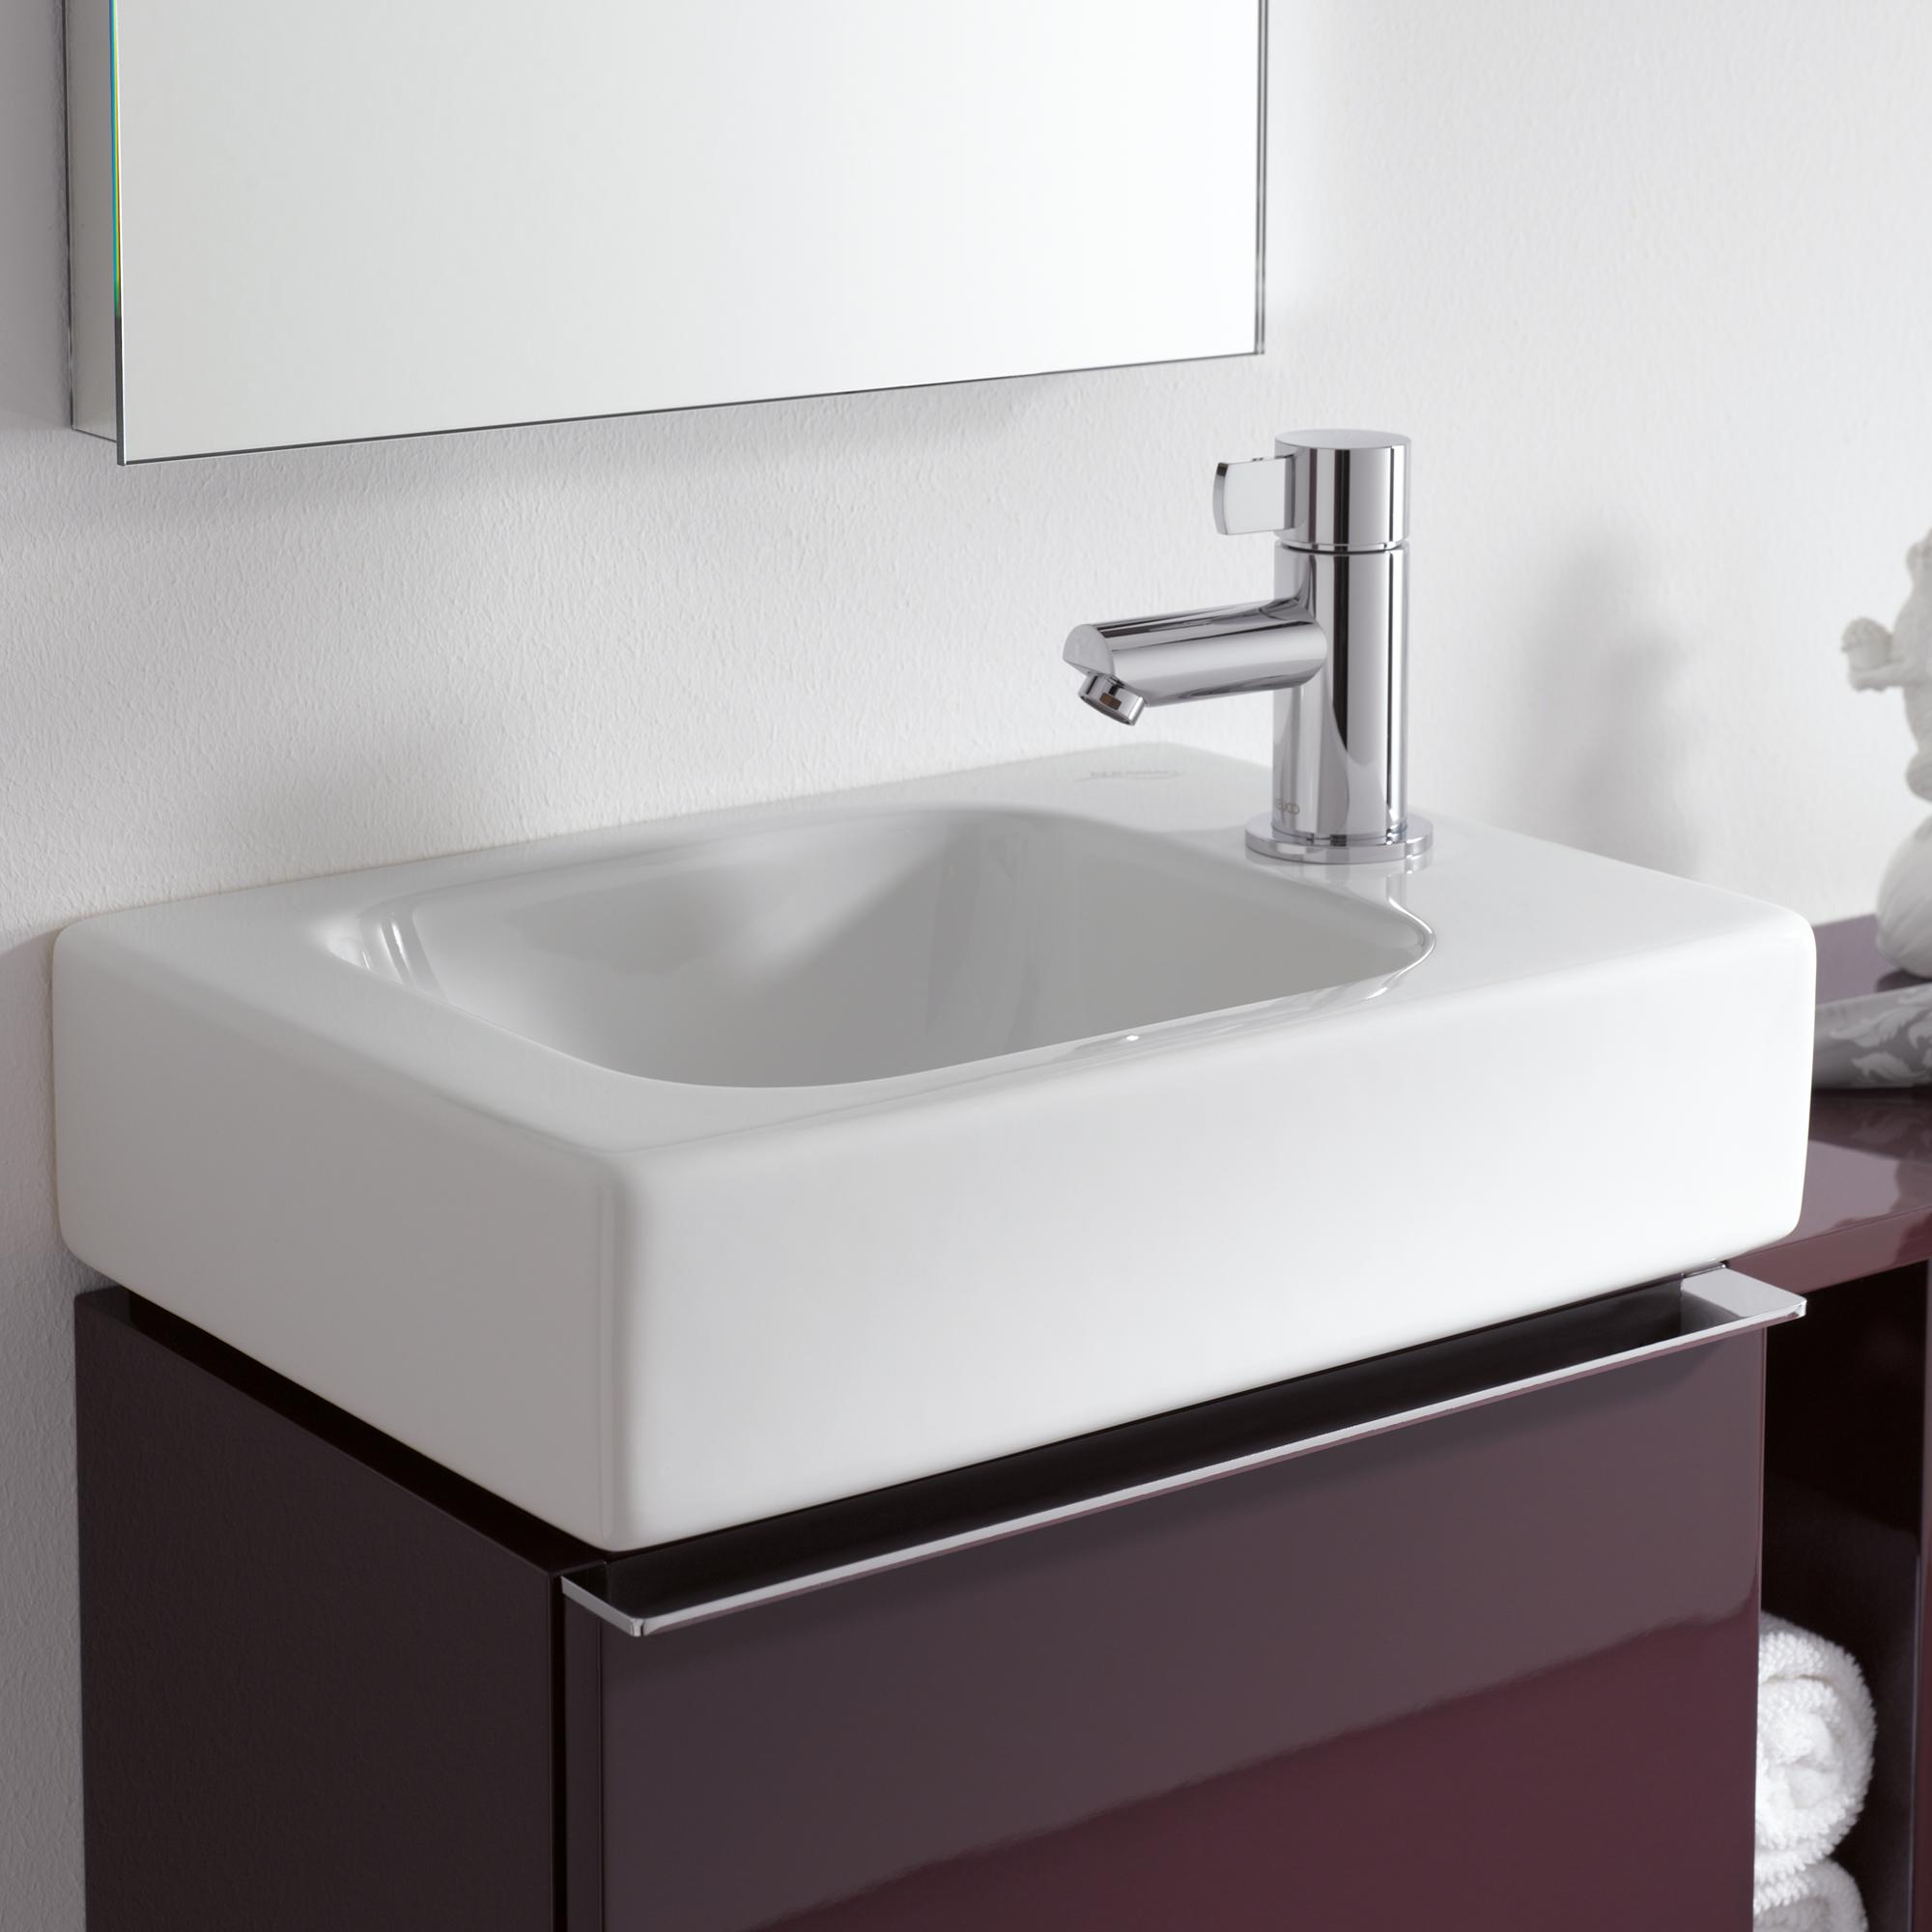 keramag icon handwaschbecken wei mit keratect 124736600 reuter onlineshop. Black Bedroom Furniture Sets. Home Design Ideas